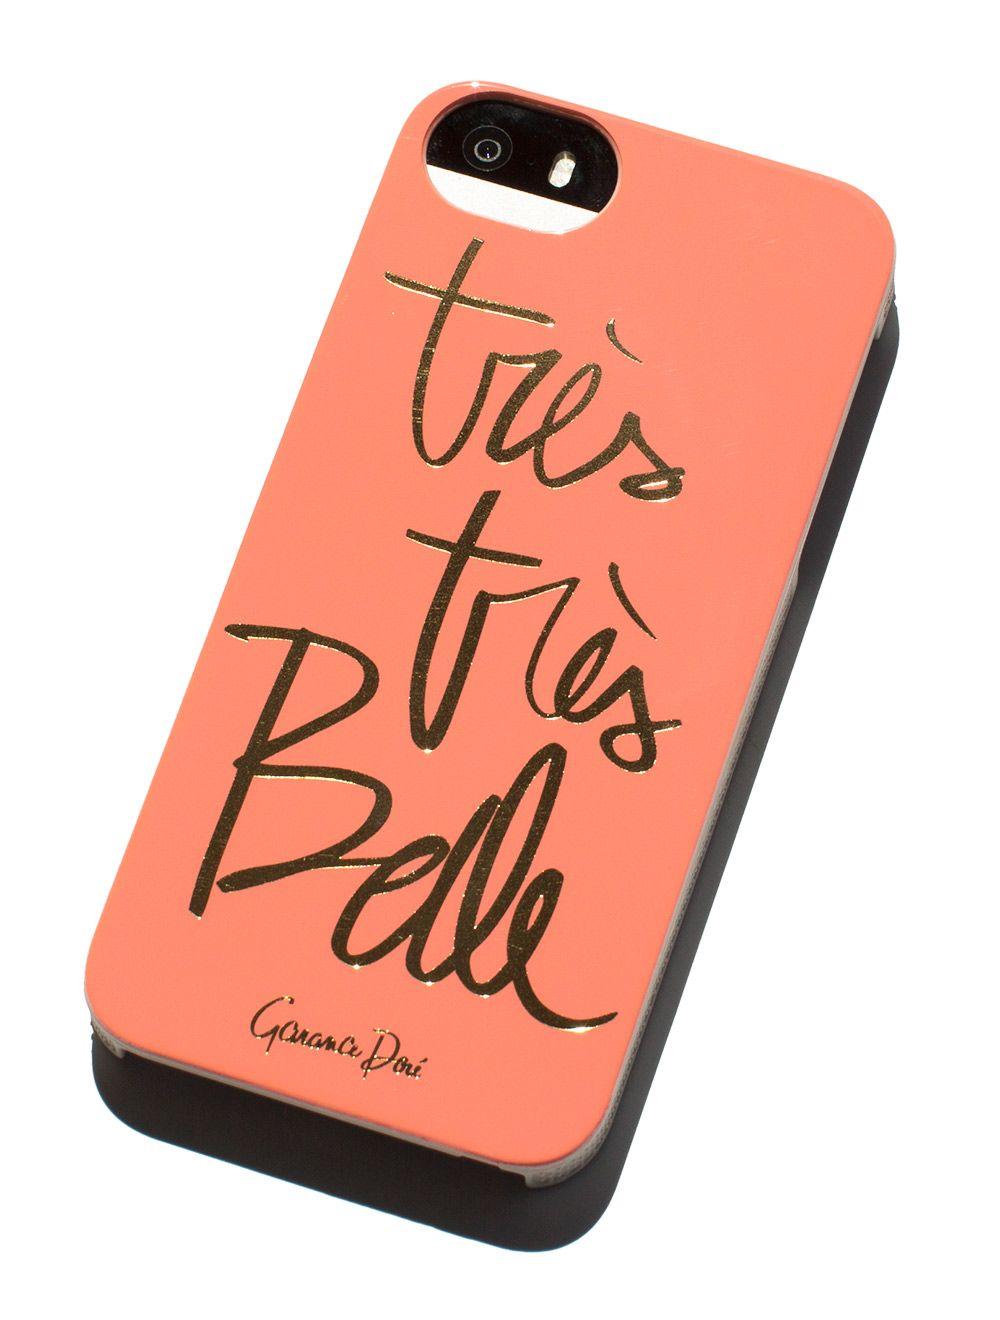 Très Très Belle iPhone Case   Coque de portable, Iphone, Garance doré